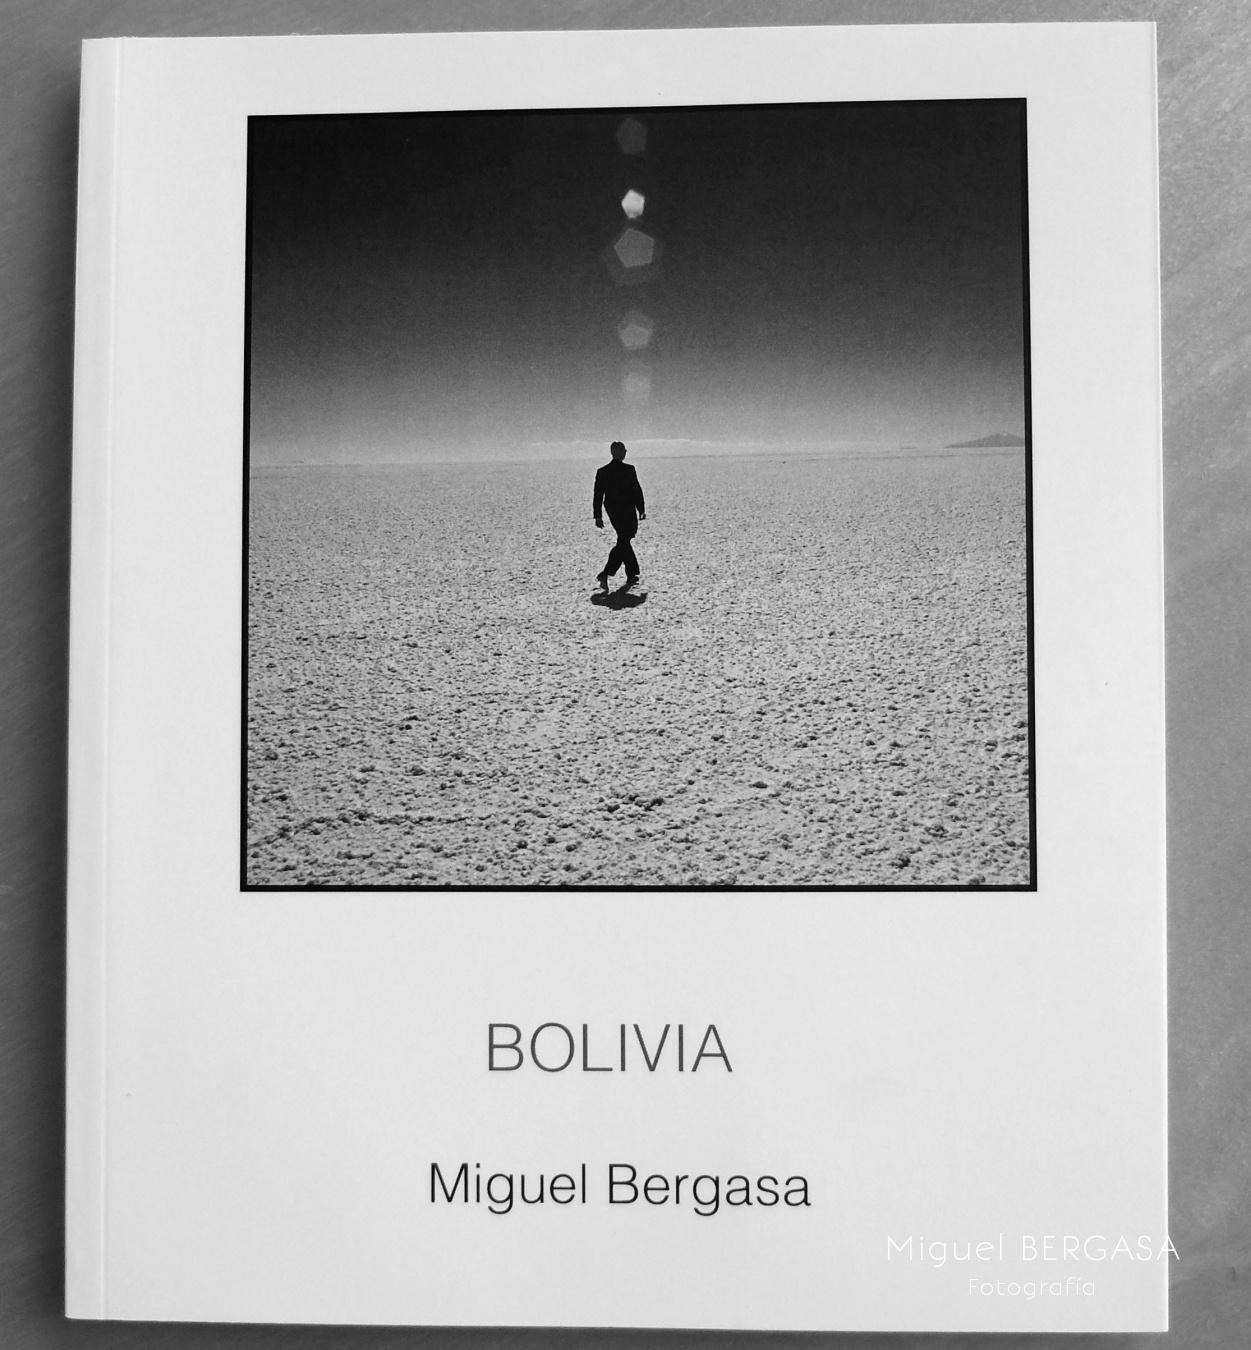 Bolivia 2015 - Catálogos y portadas libros - Miguel BERGASA, Fotografía